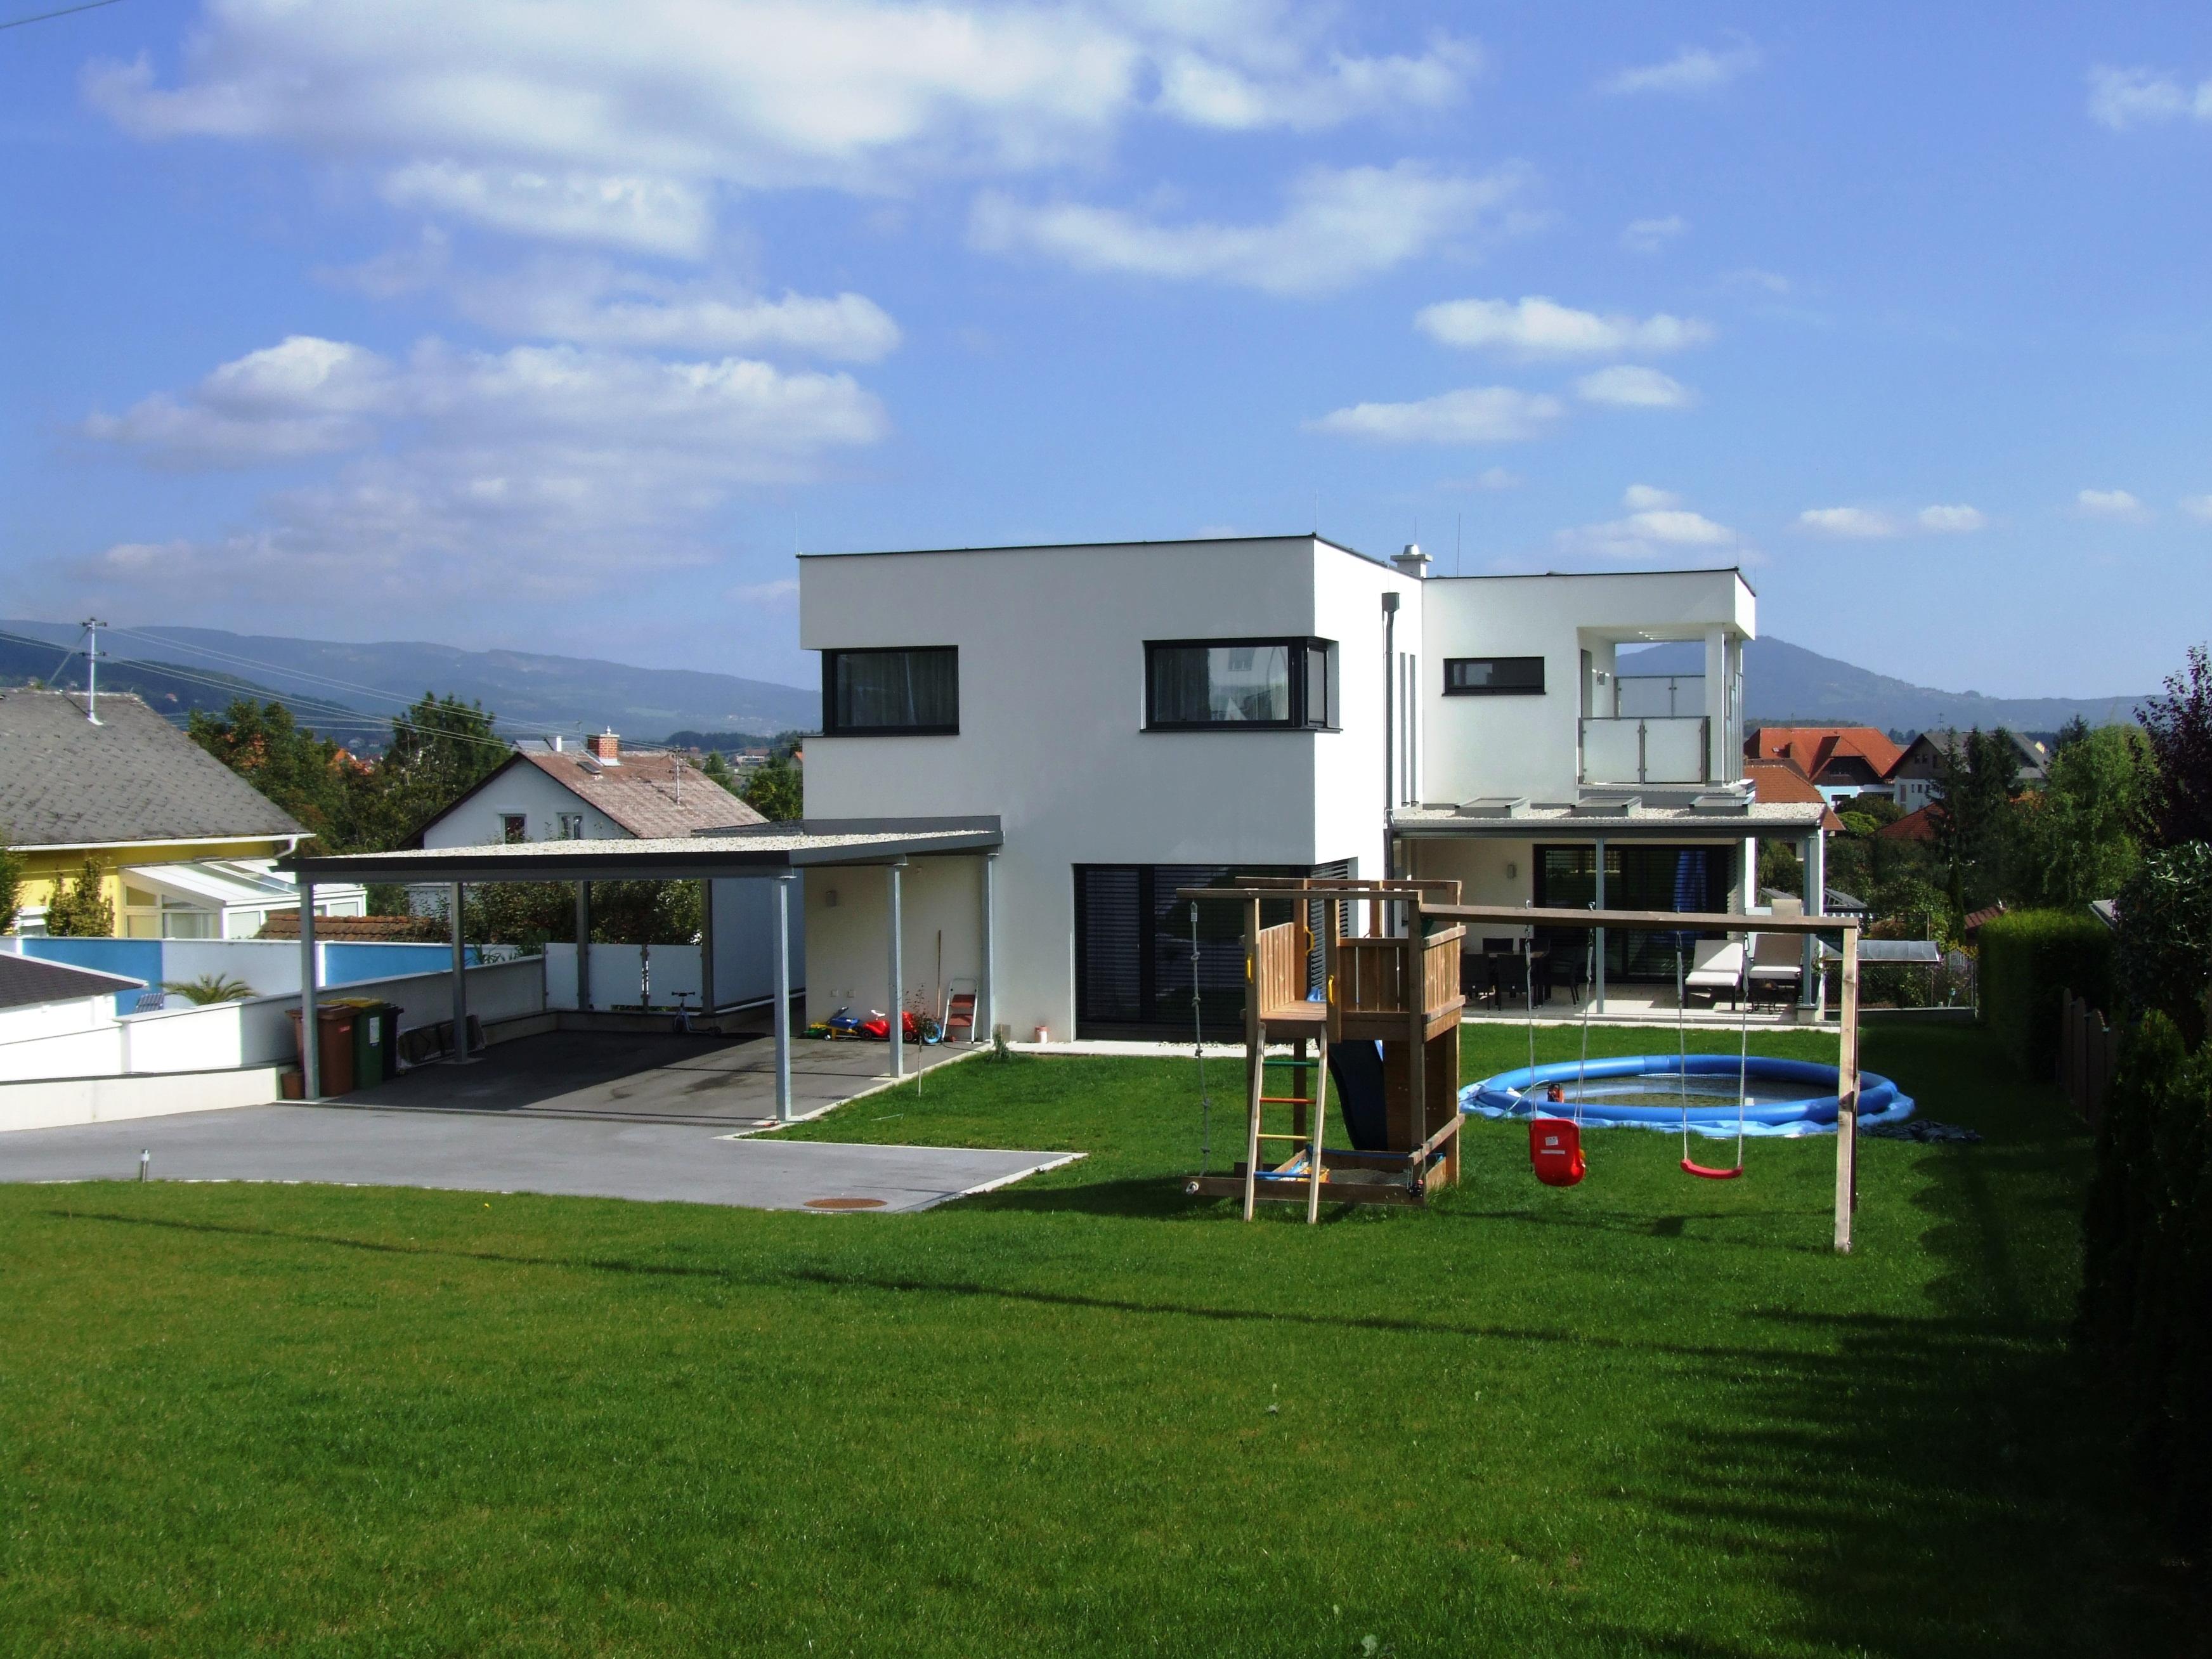 Baustelle Details Einfamilienwohnhaus Mit Vollunterkellerung Und